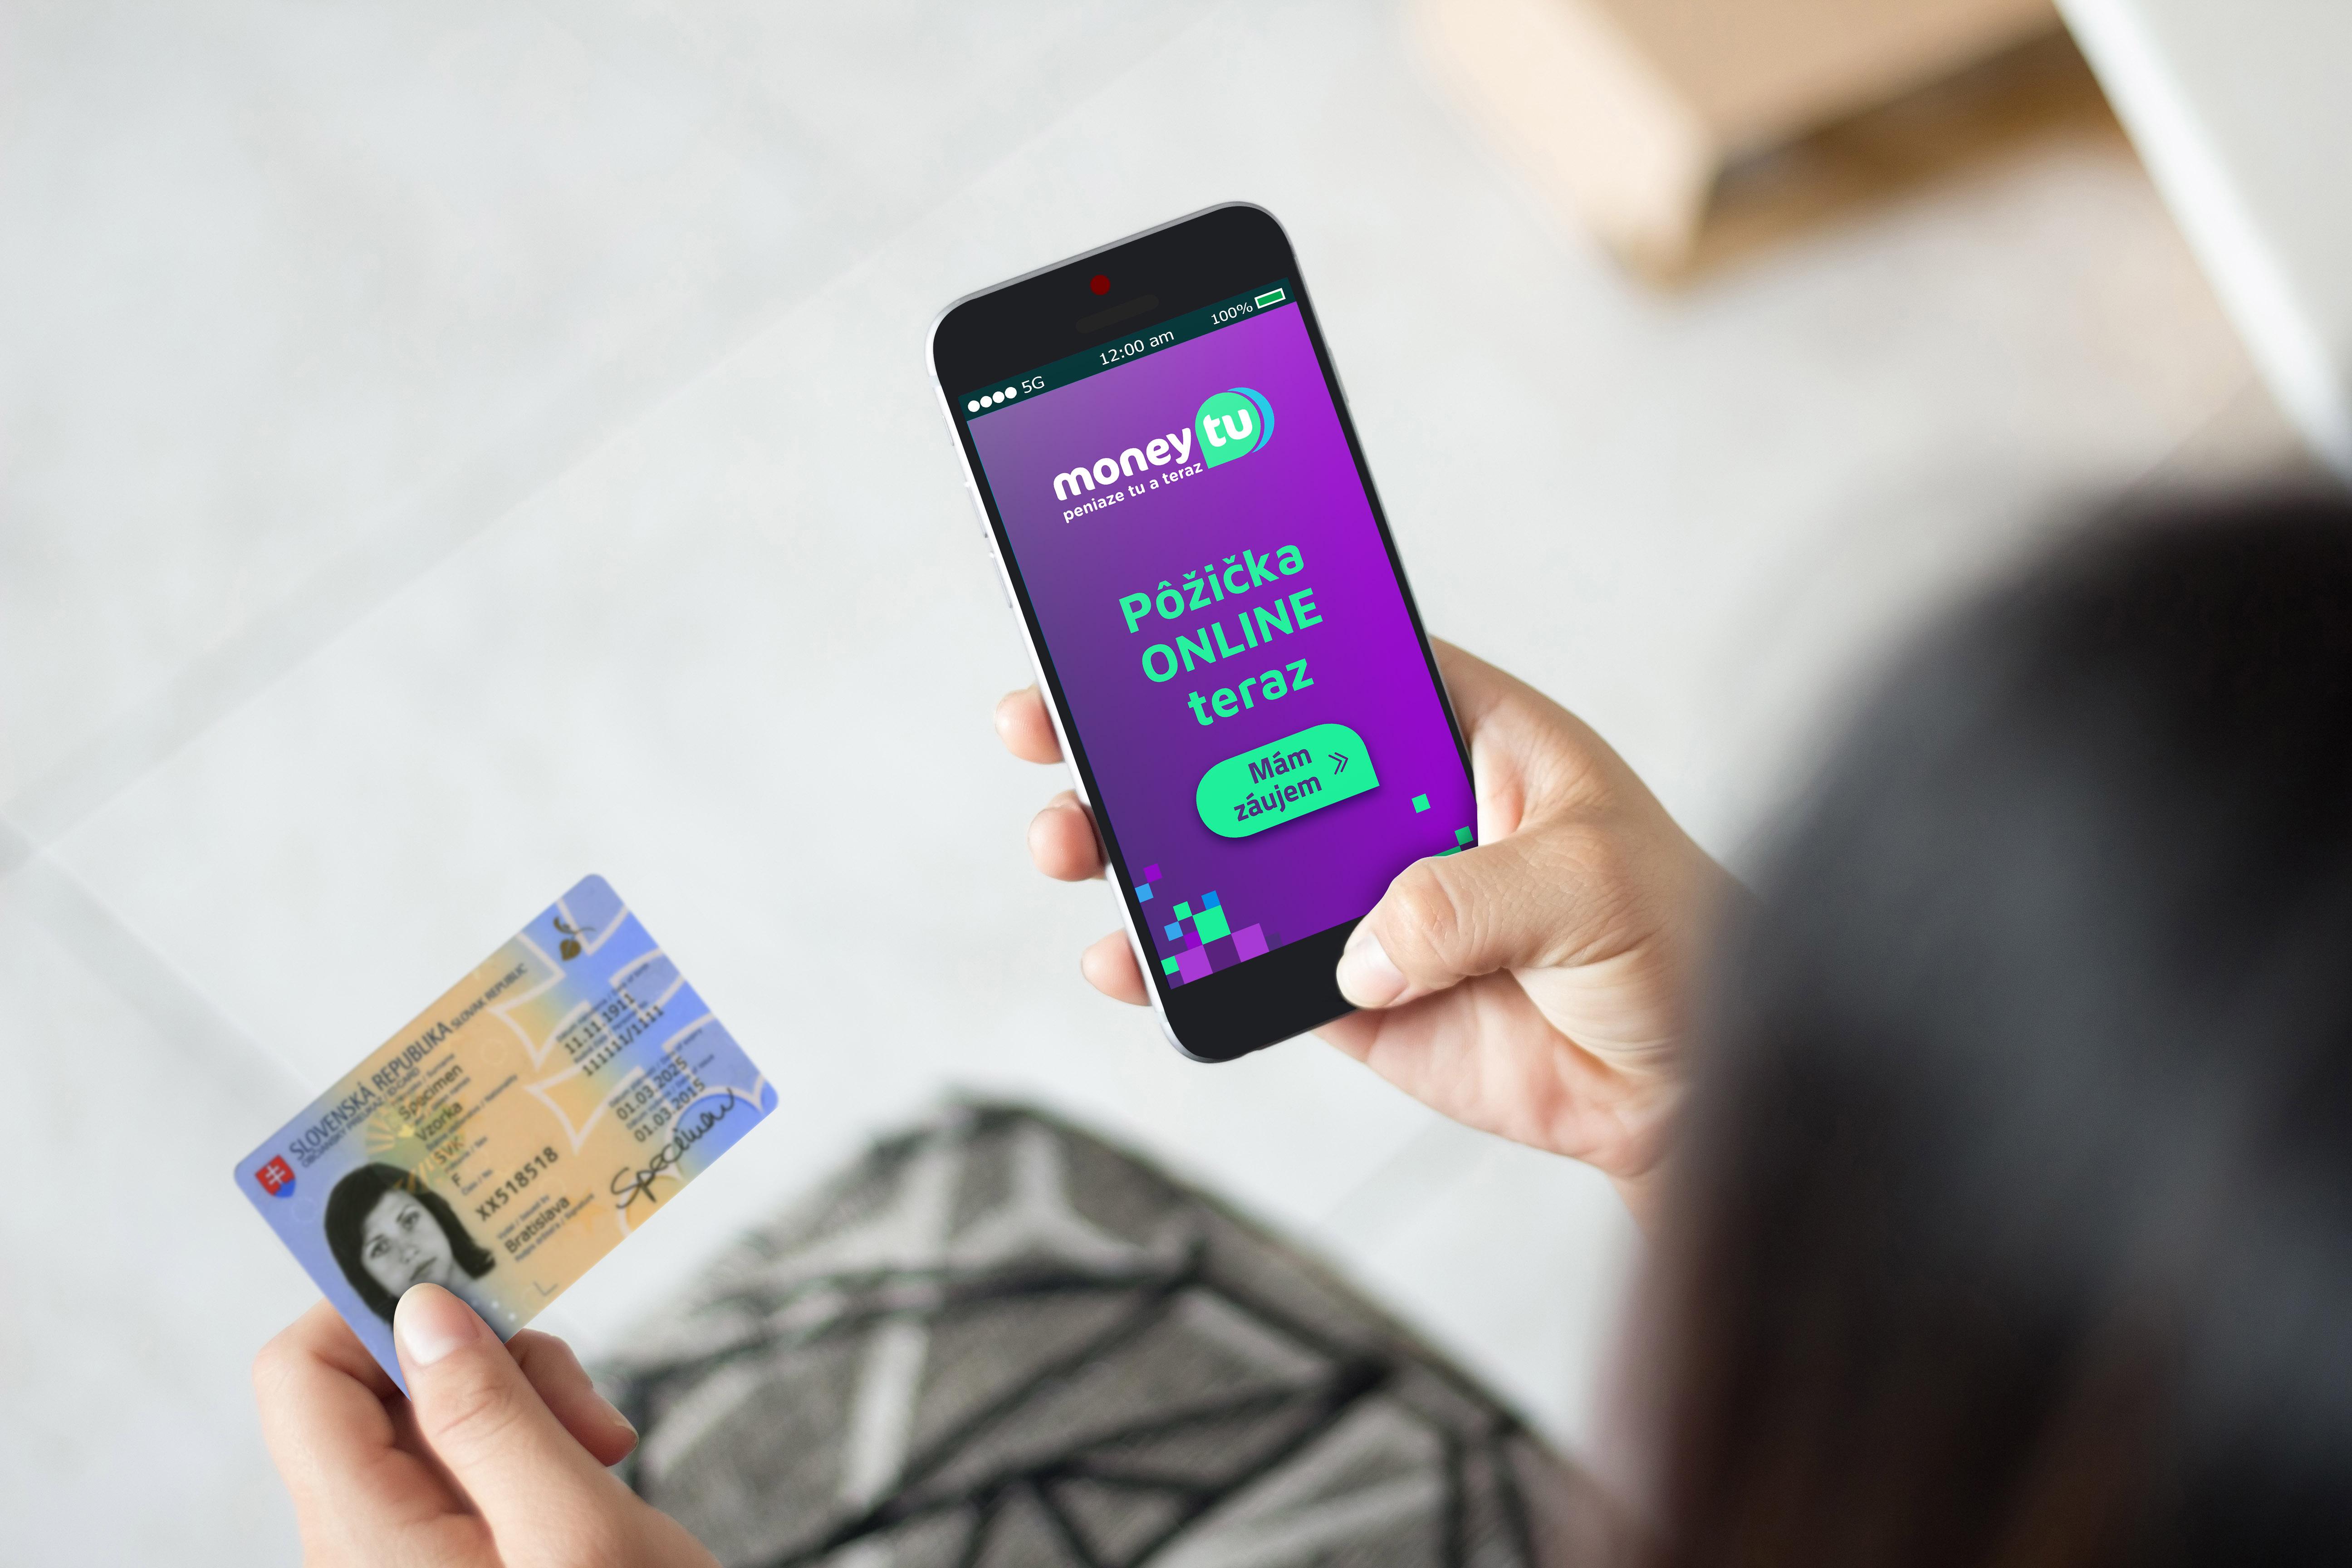 Na vybavenie online pôžičky Vám stačí už len jeden doklad totožnosti.